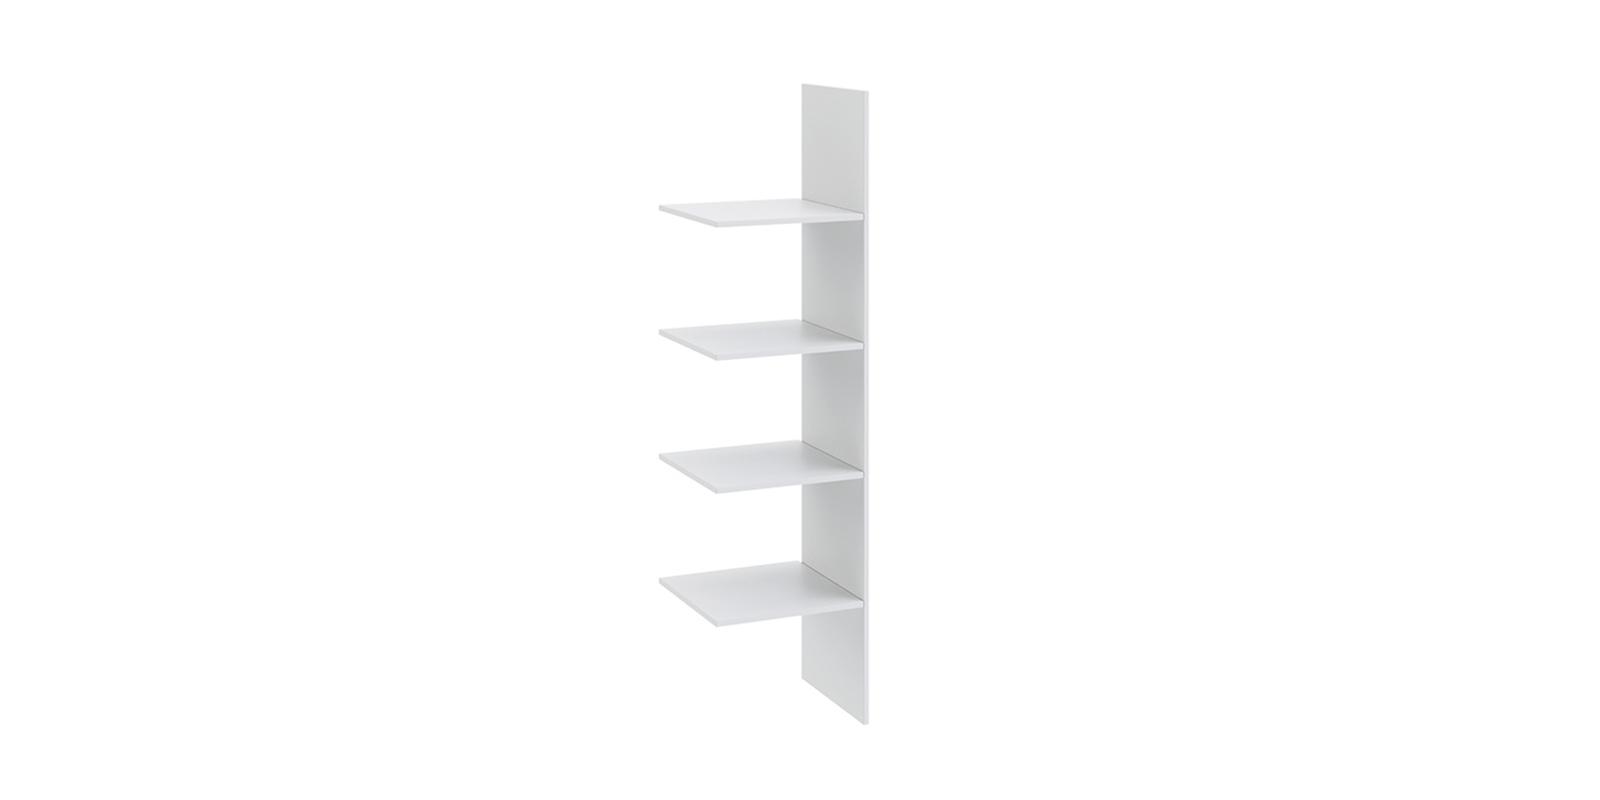 Аксессуары для шкафов Мерида 35/41 вариант №1  (белый)